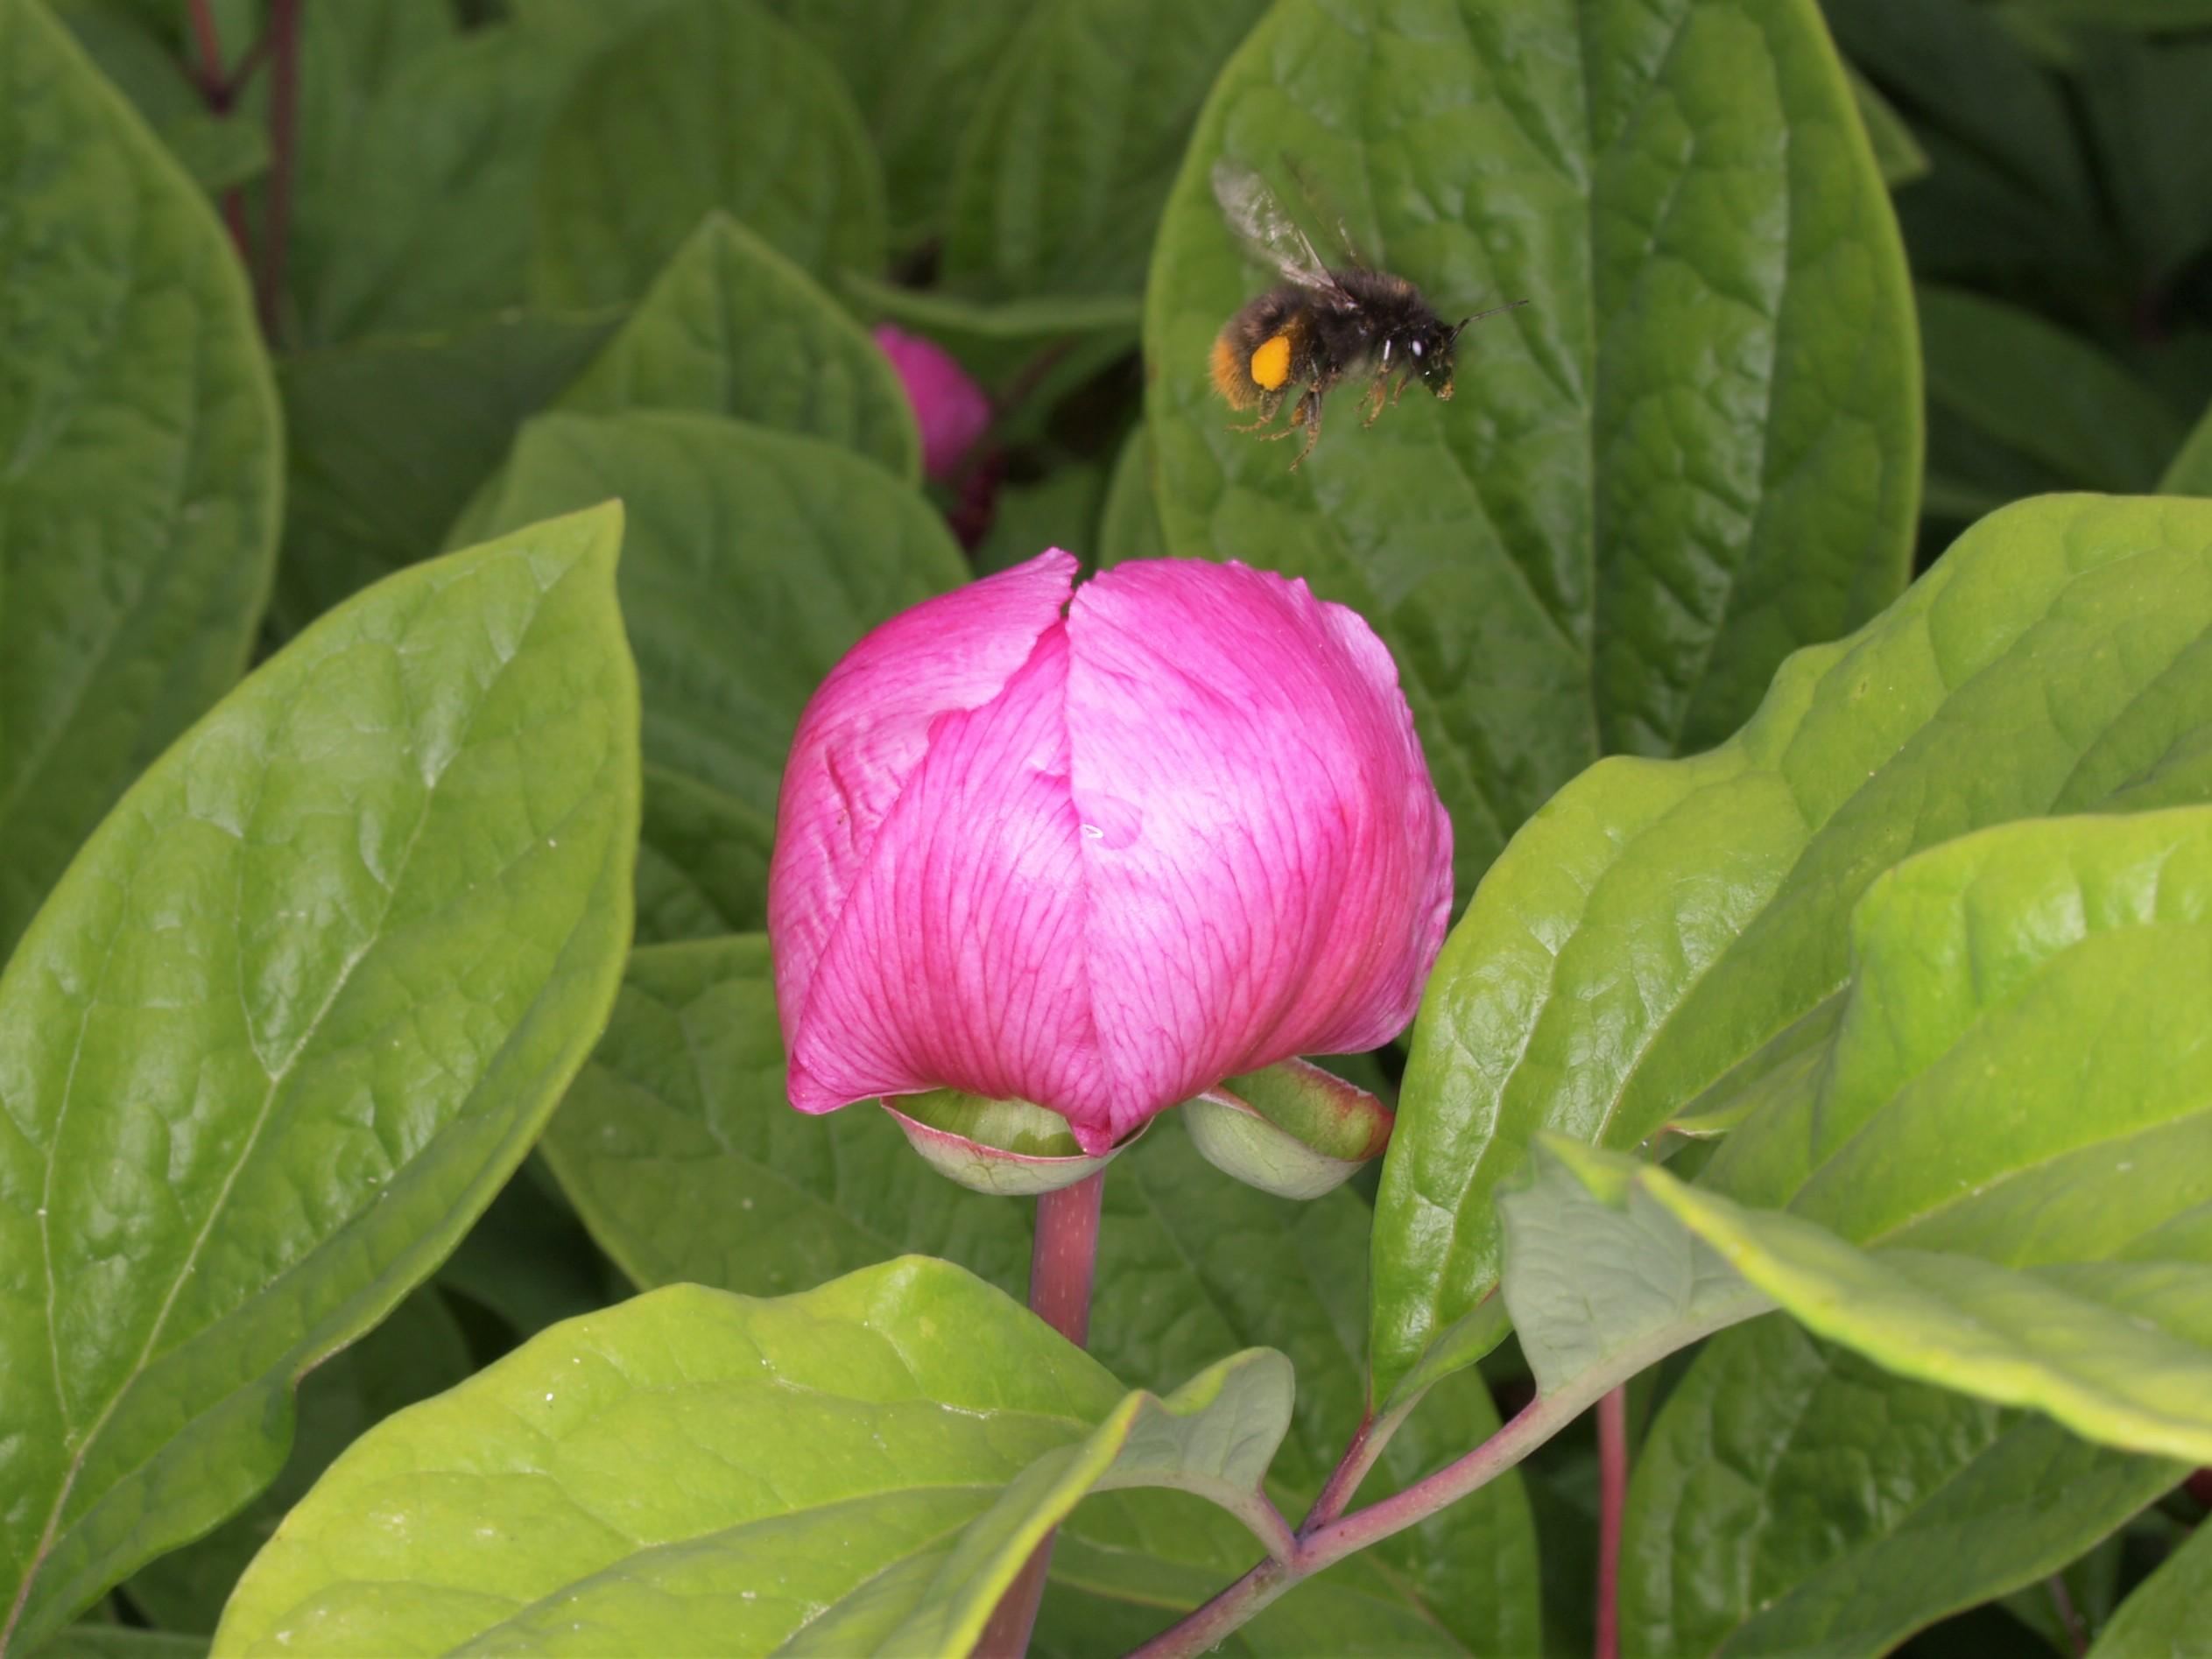 【花の観察会】 宮城 金華山と仙台海岸の植物を訪ねる 2日間